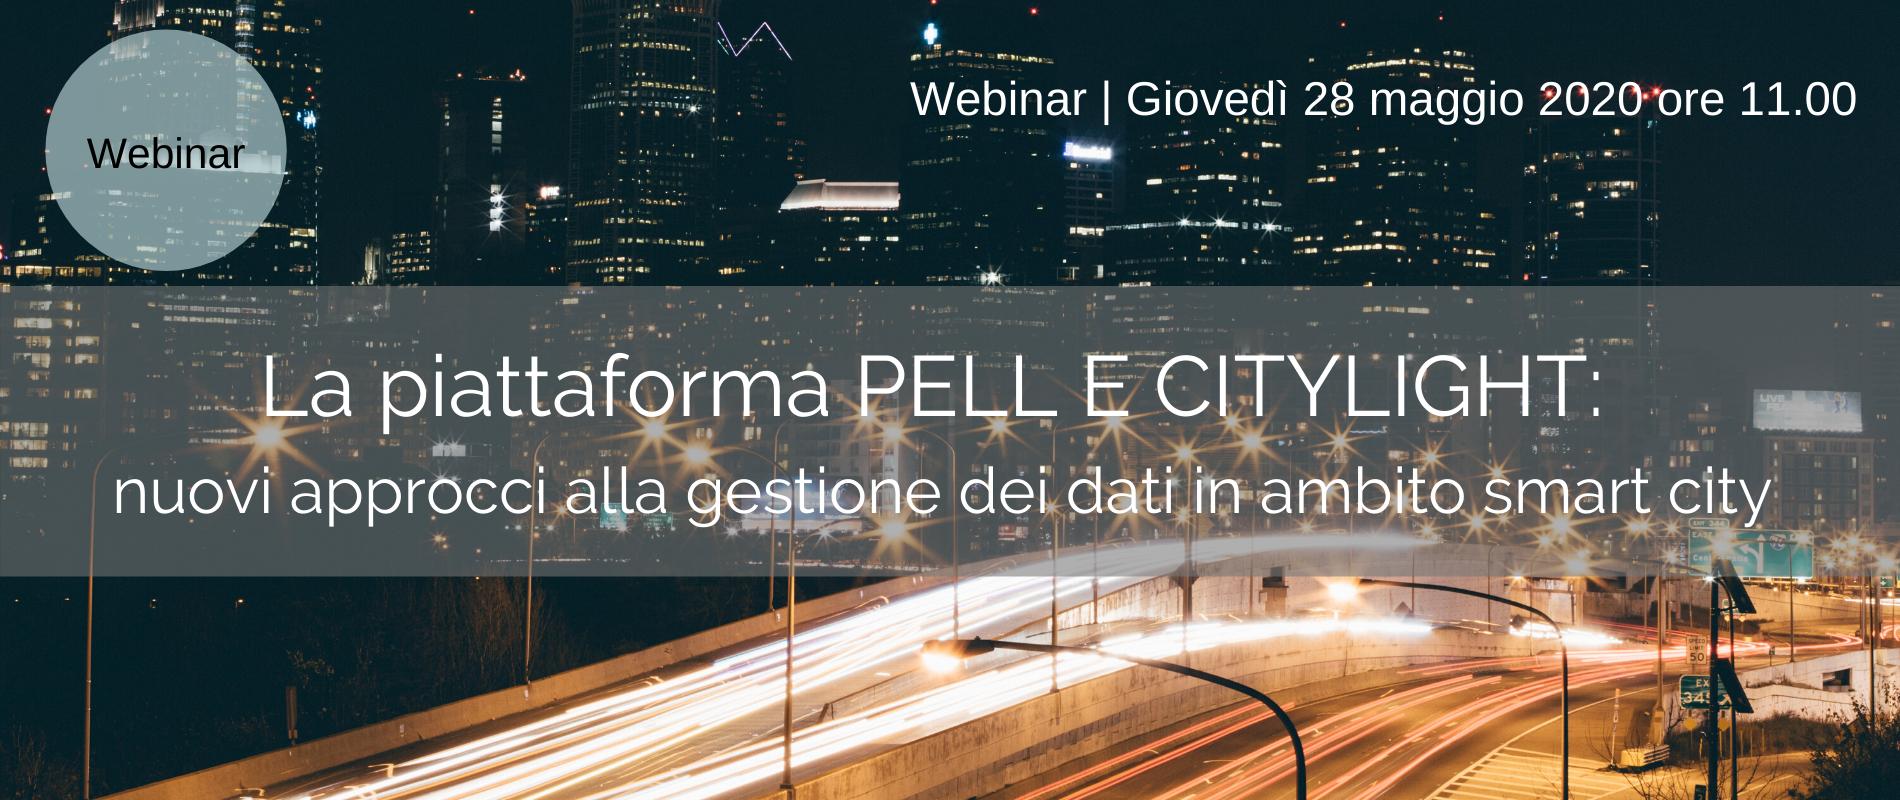 La piattaforma PELL E CITYLIGHT: nuovi approcci alla gestione dei dati in ambito smart city